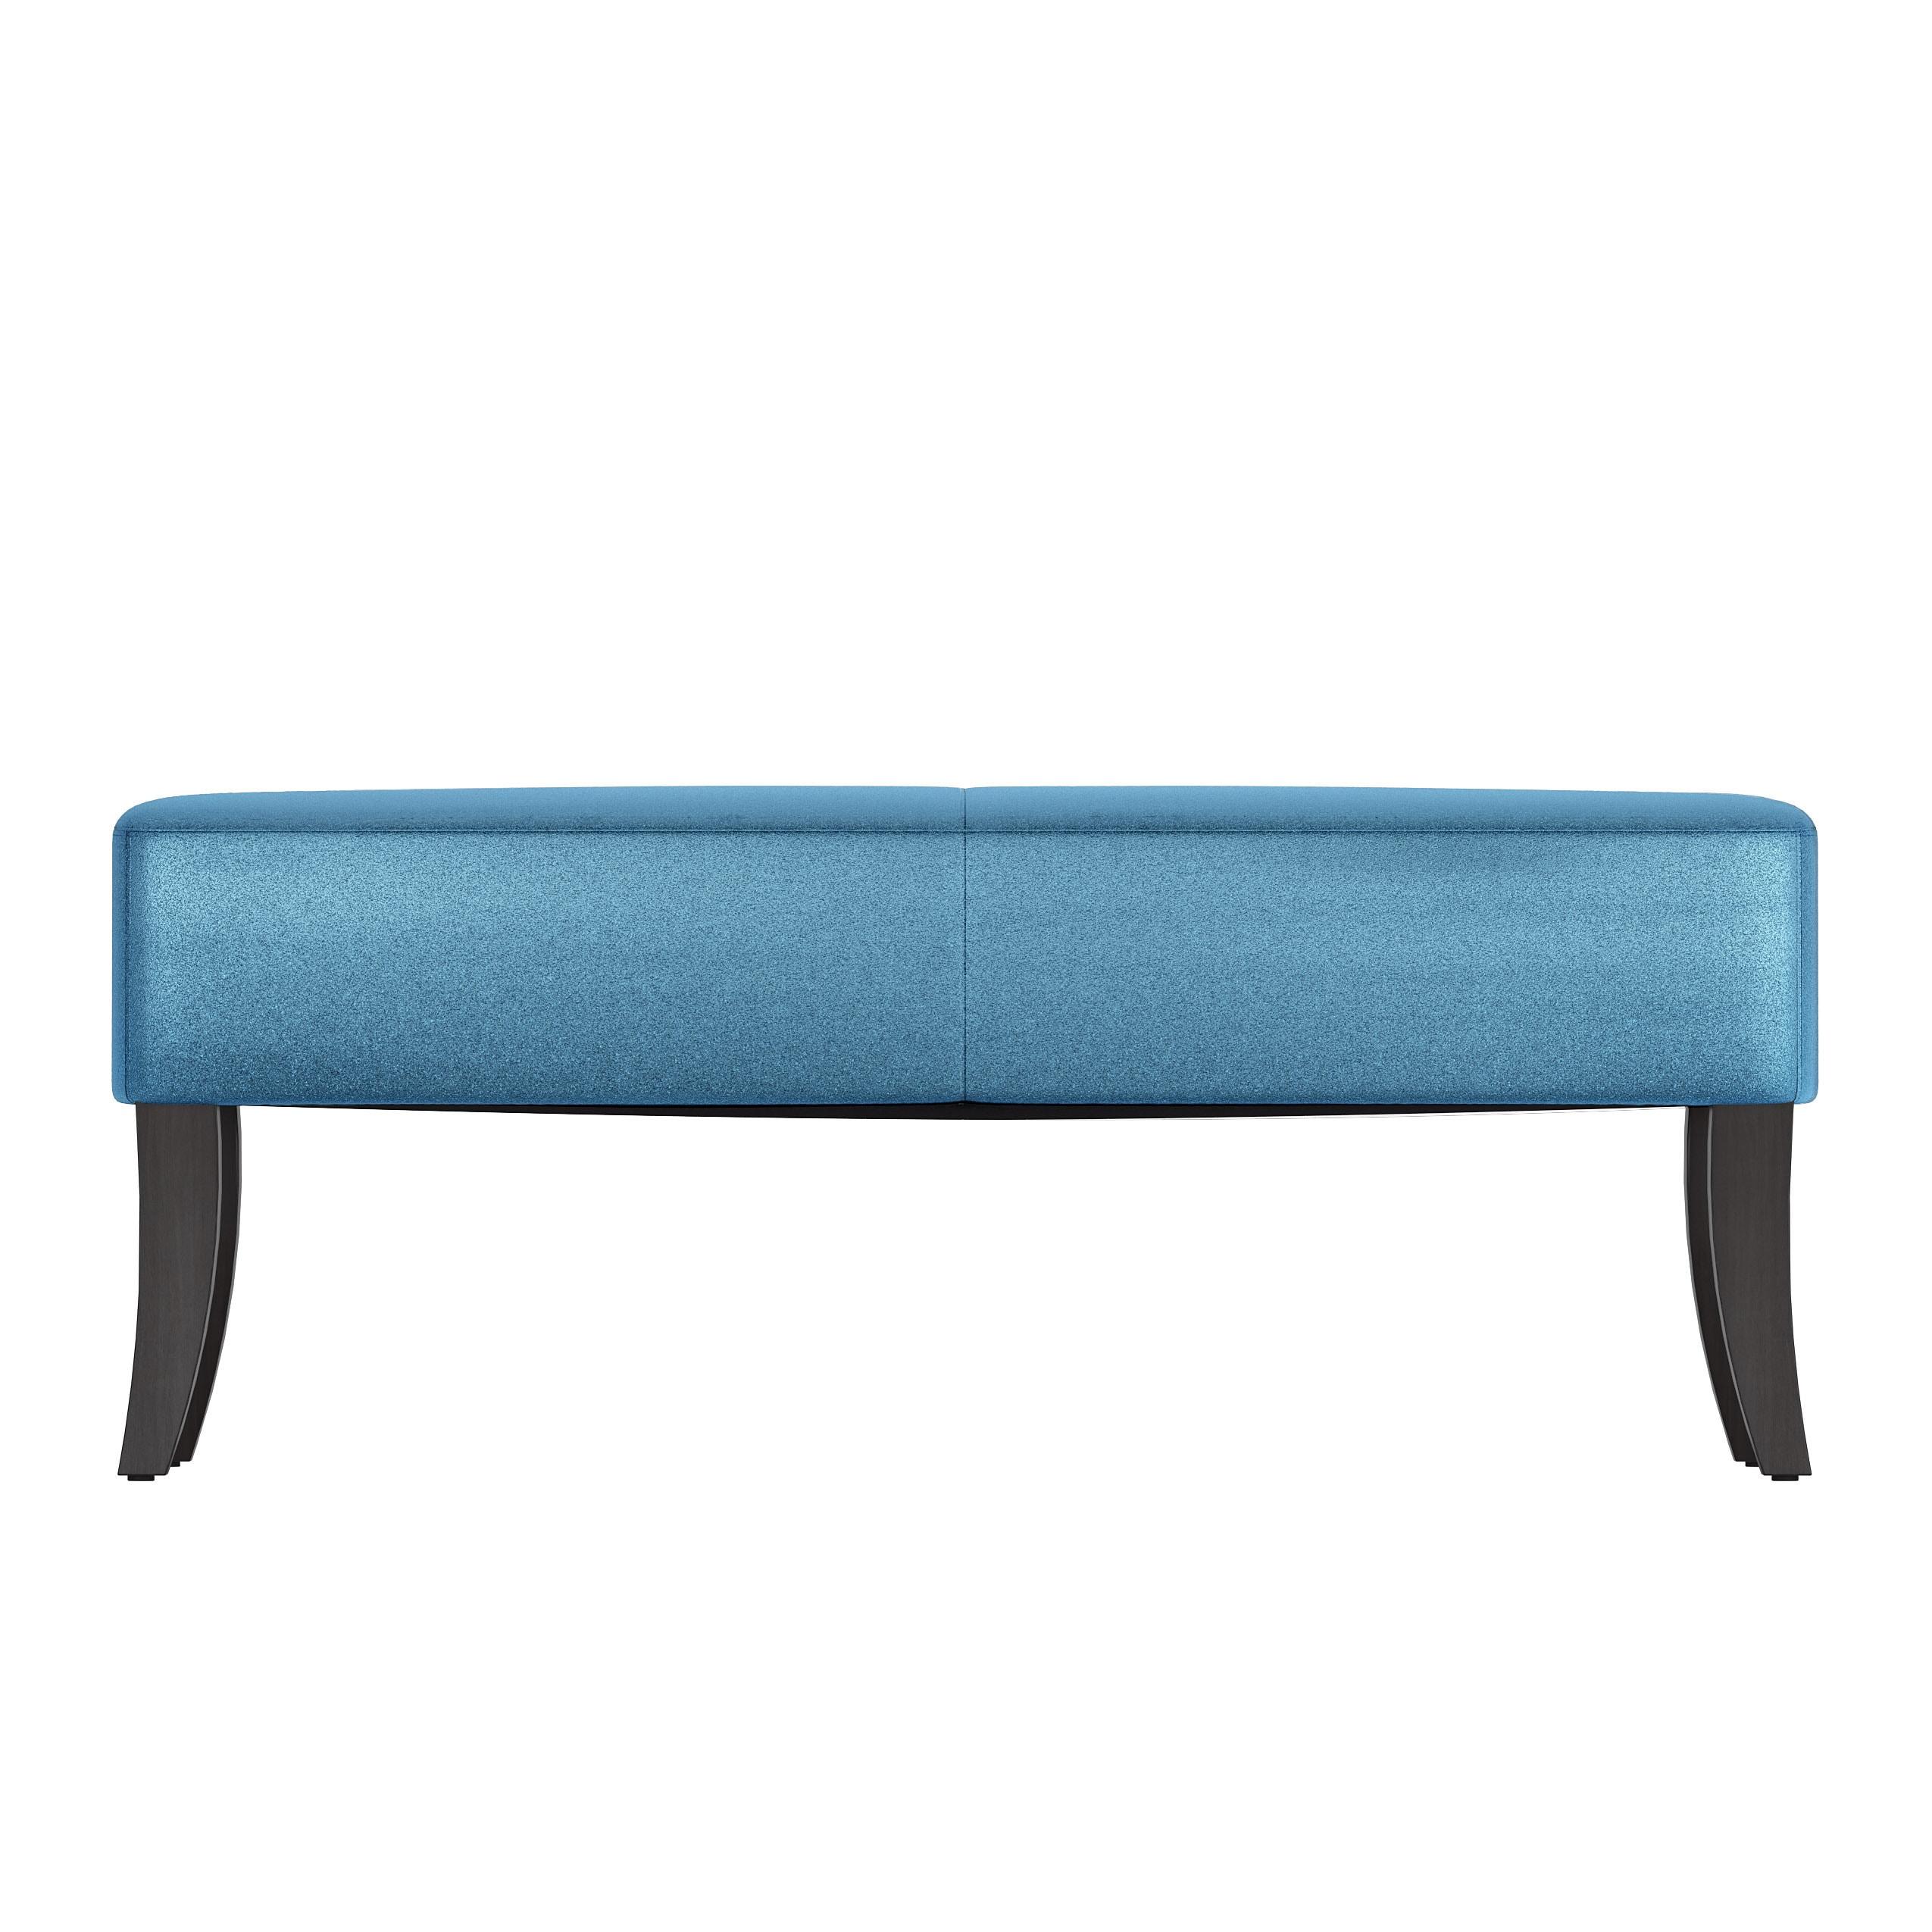 Antonio 46inch Wide Velvet Upholstered Bench